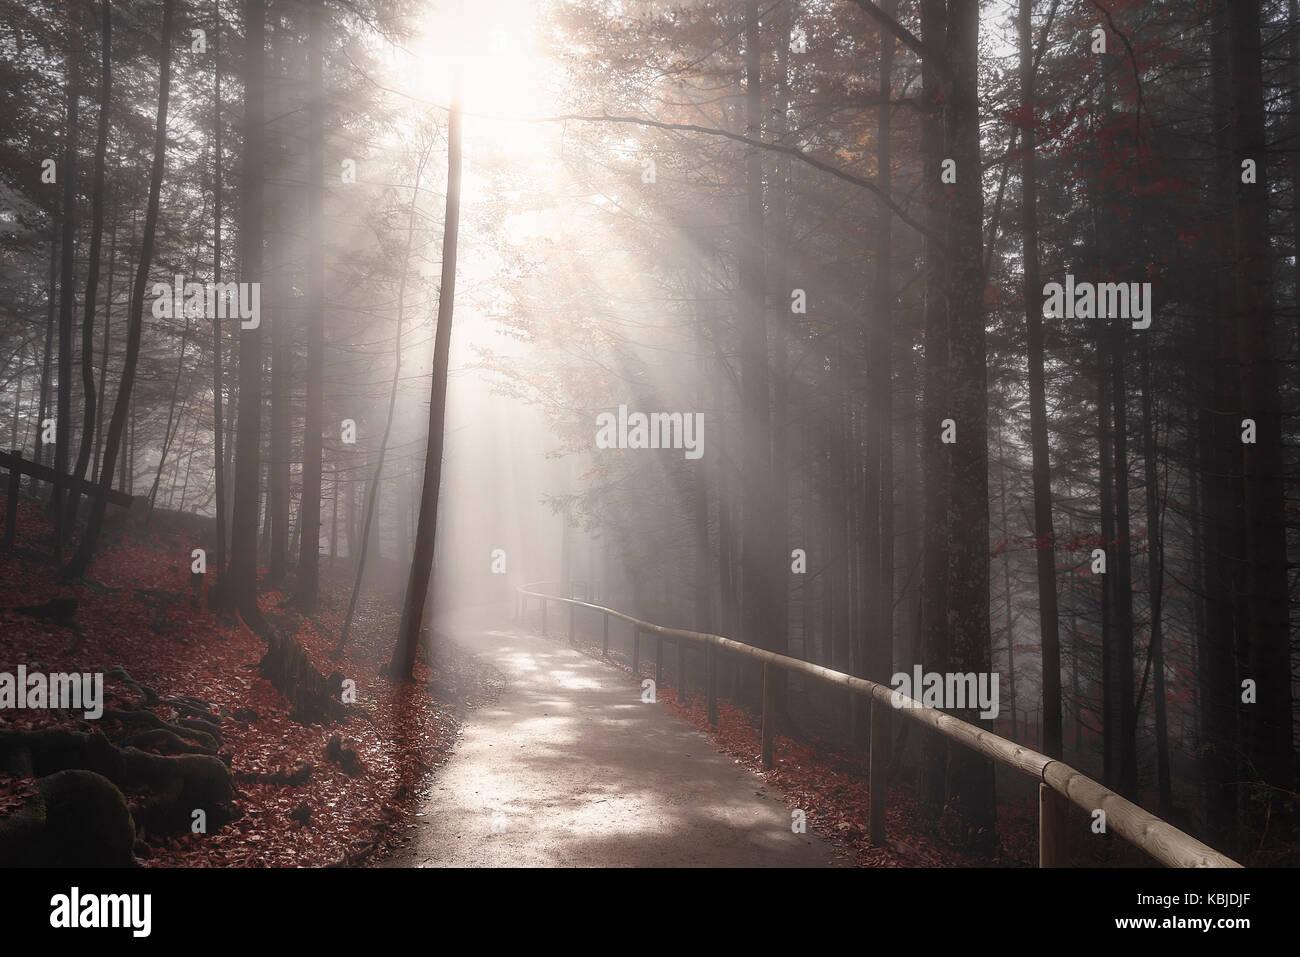 Camino interminable cruzando un bosque oscuro, en colores de otoño, envuelto por la niebla y iluminados por los Foto de stock